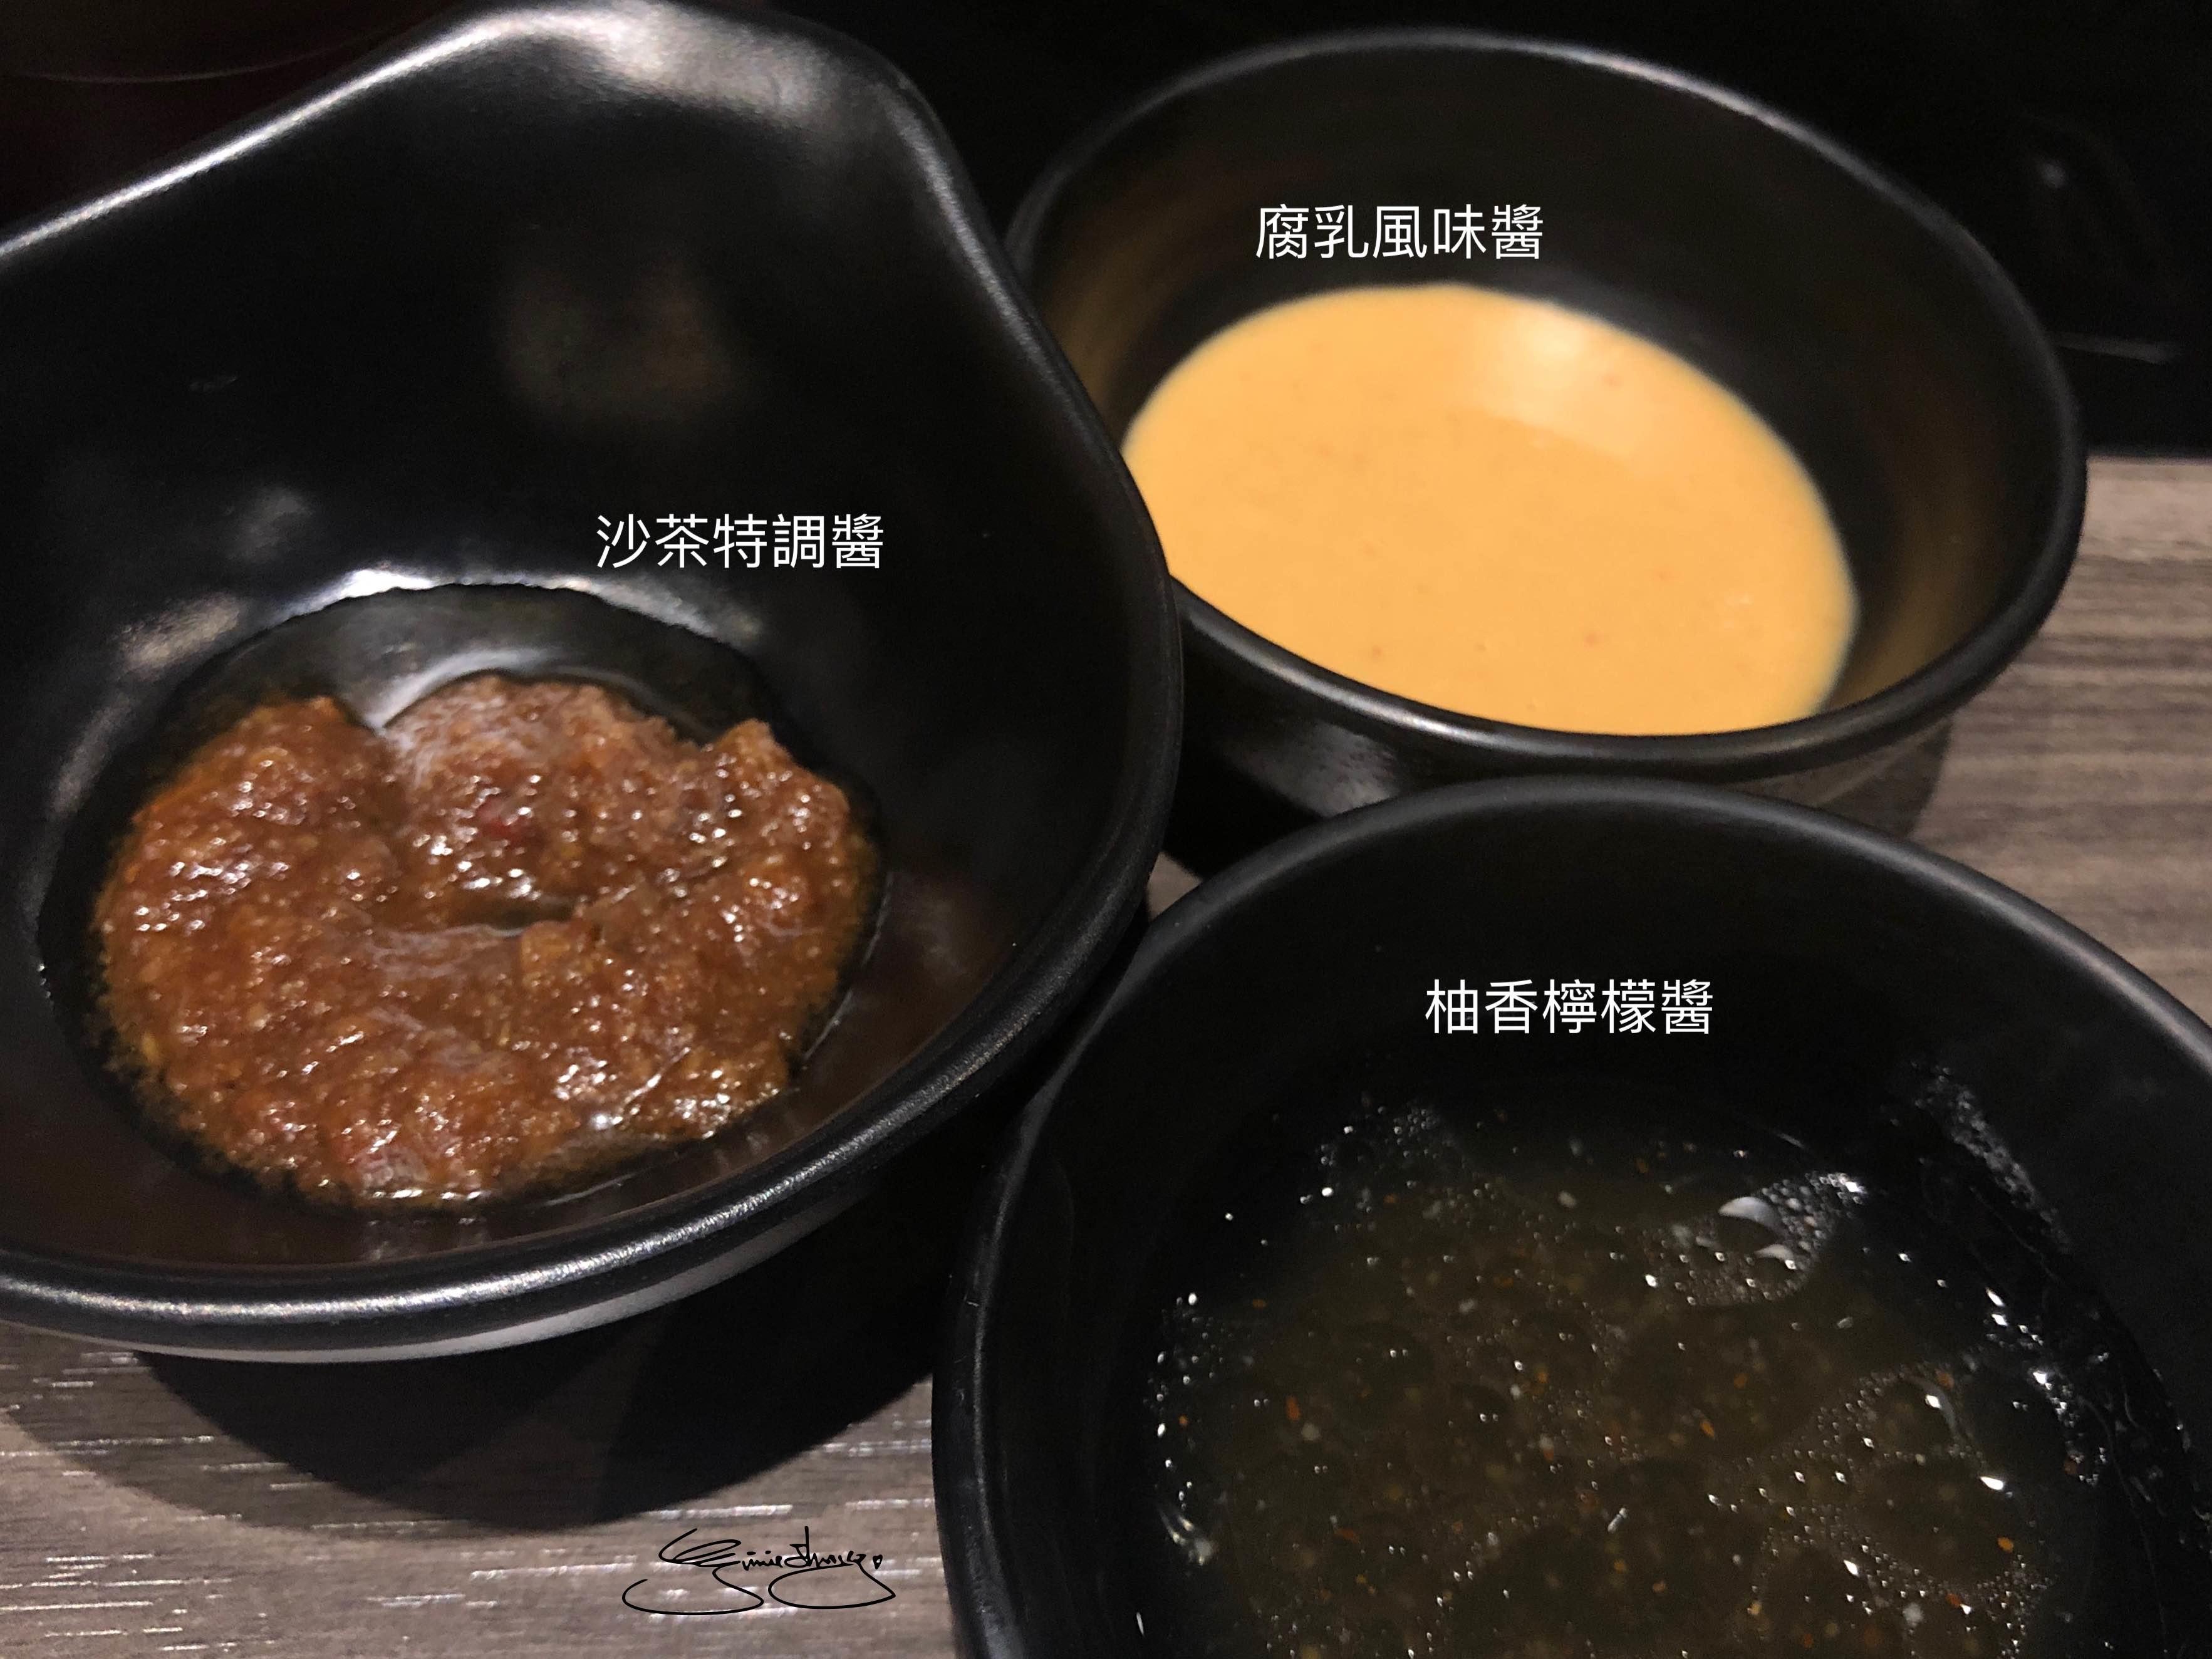 隱鍋台中公益店 醬料 沙茶特調醬 腐乳風味醬 柚香檸檬醬